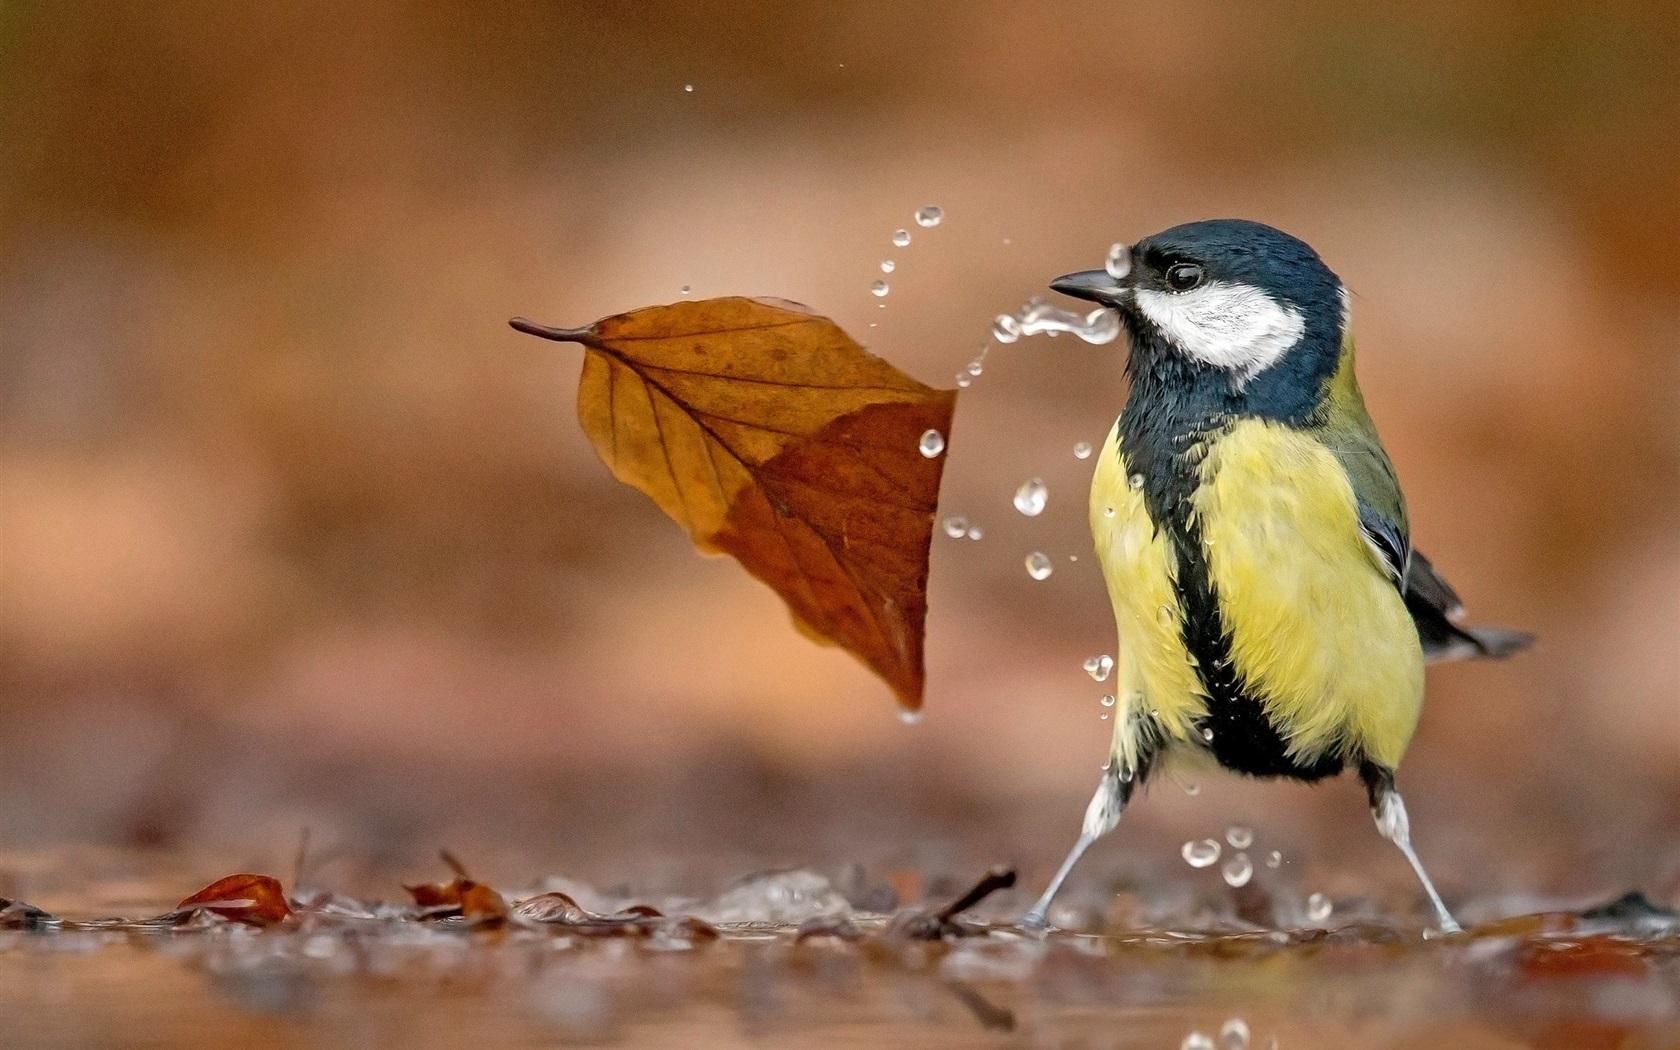 水滴和神仙,七彩山雀叶子壁纸鱼喂食可以繁殖吗图片